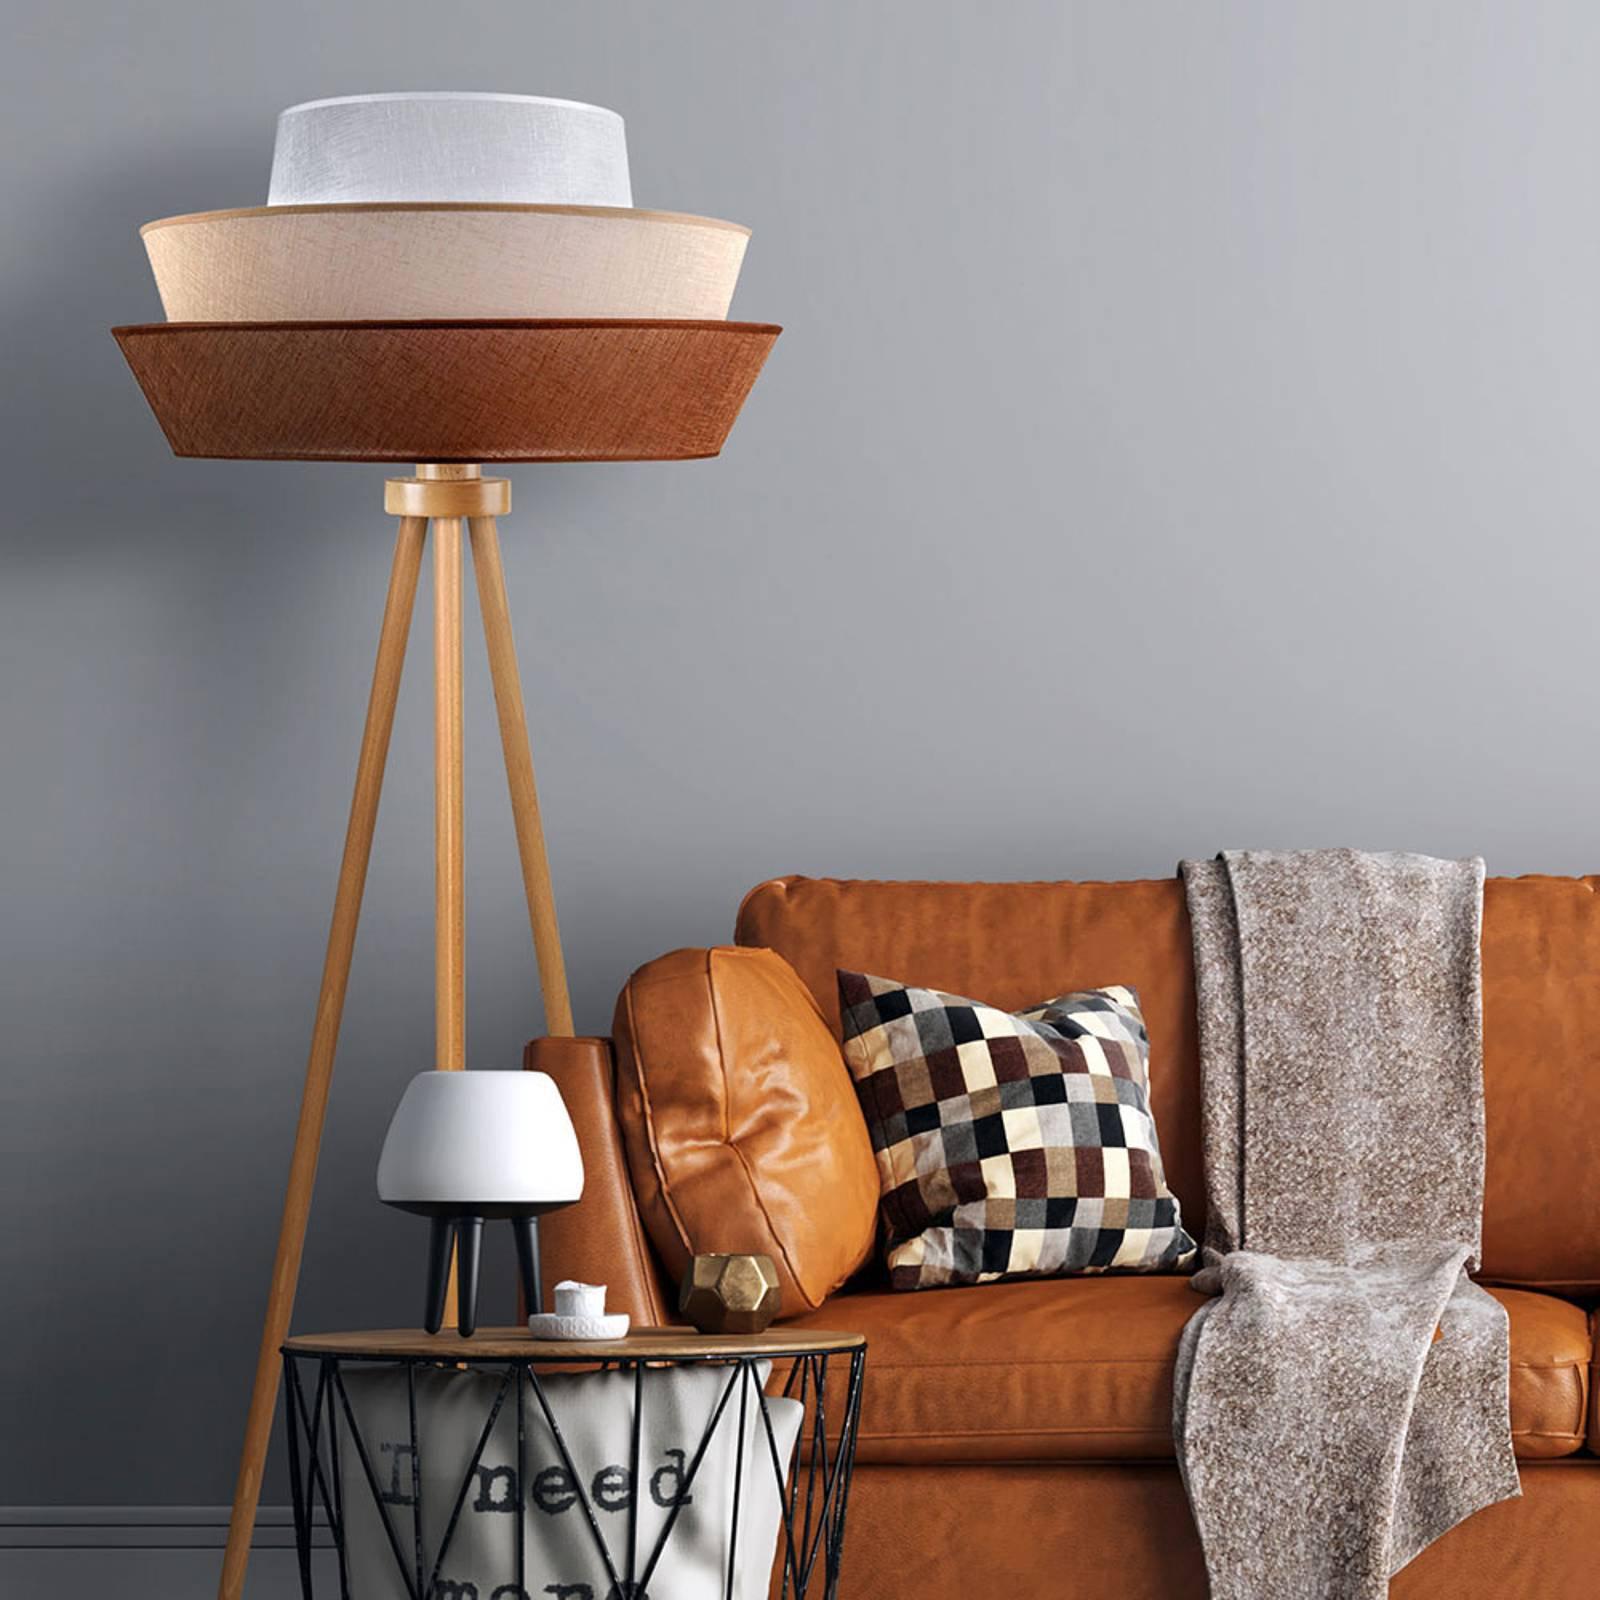 Trebein-gulvlampe Lotos, brun/beige/hvit